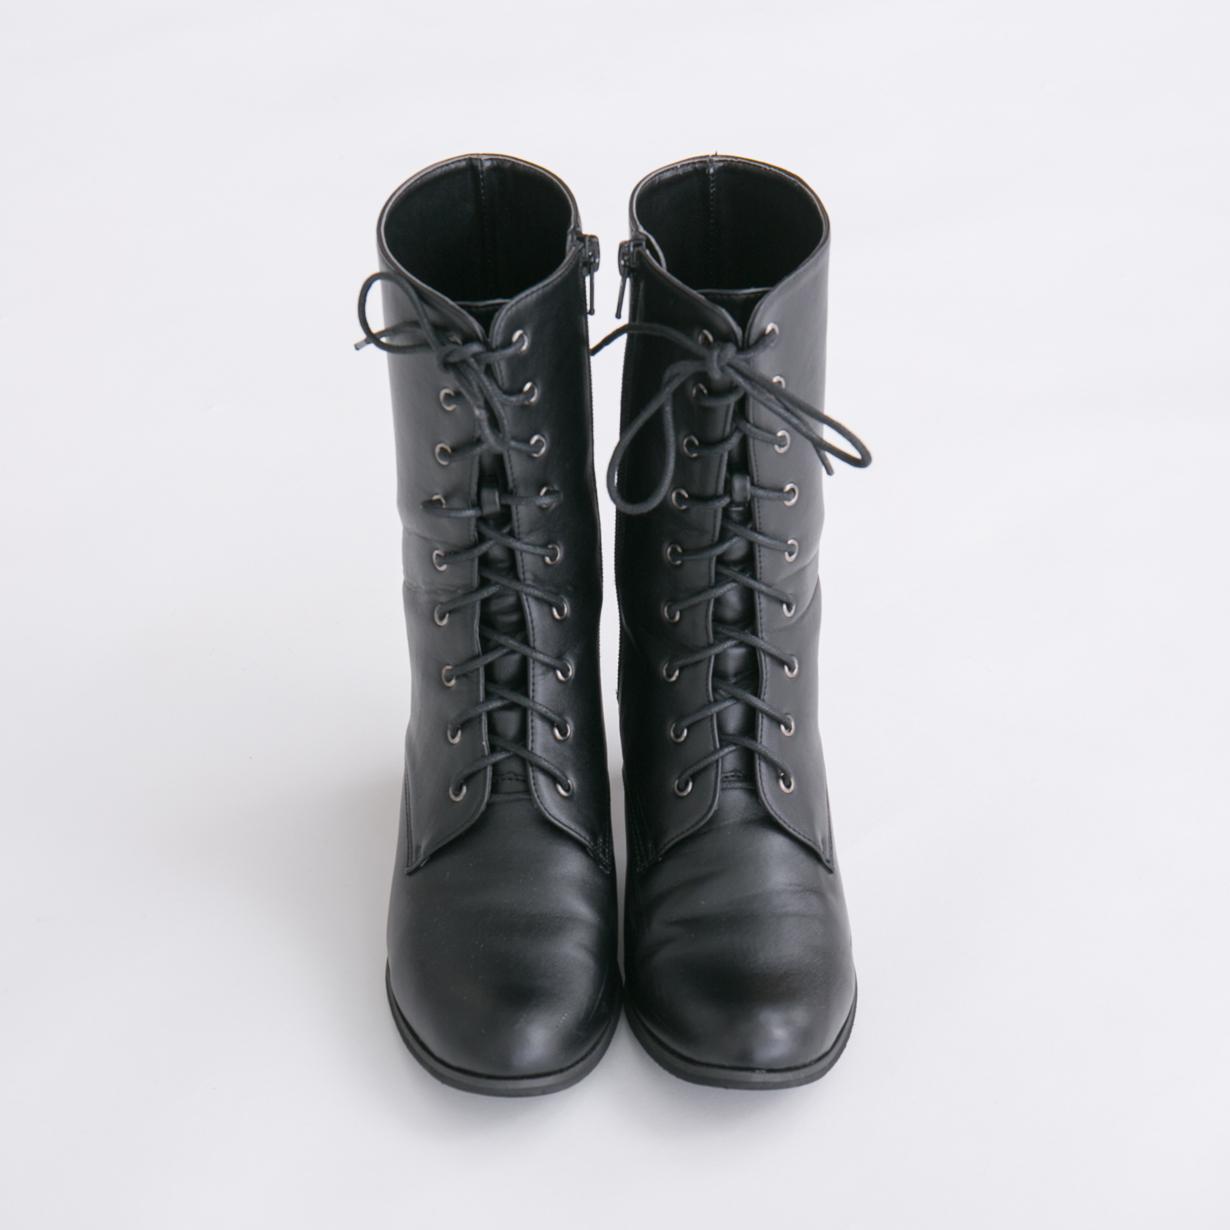 ブーツ(23cm)